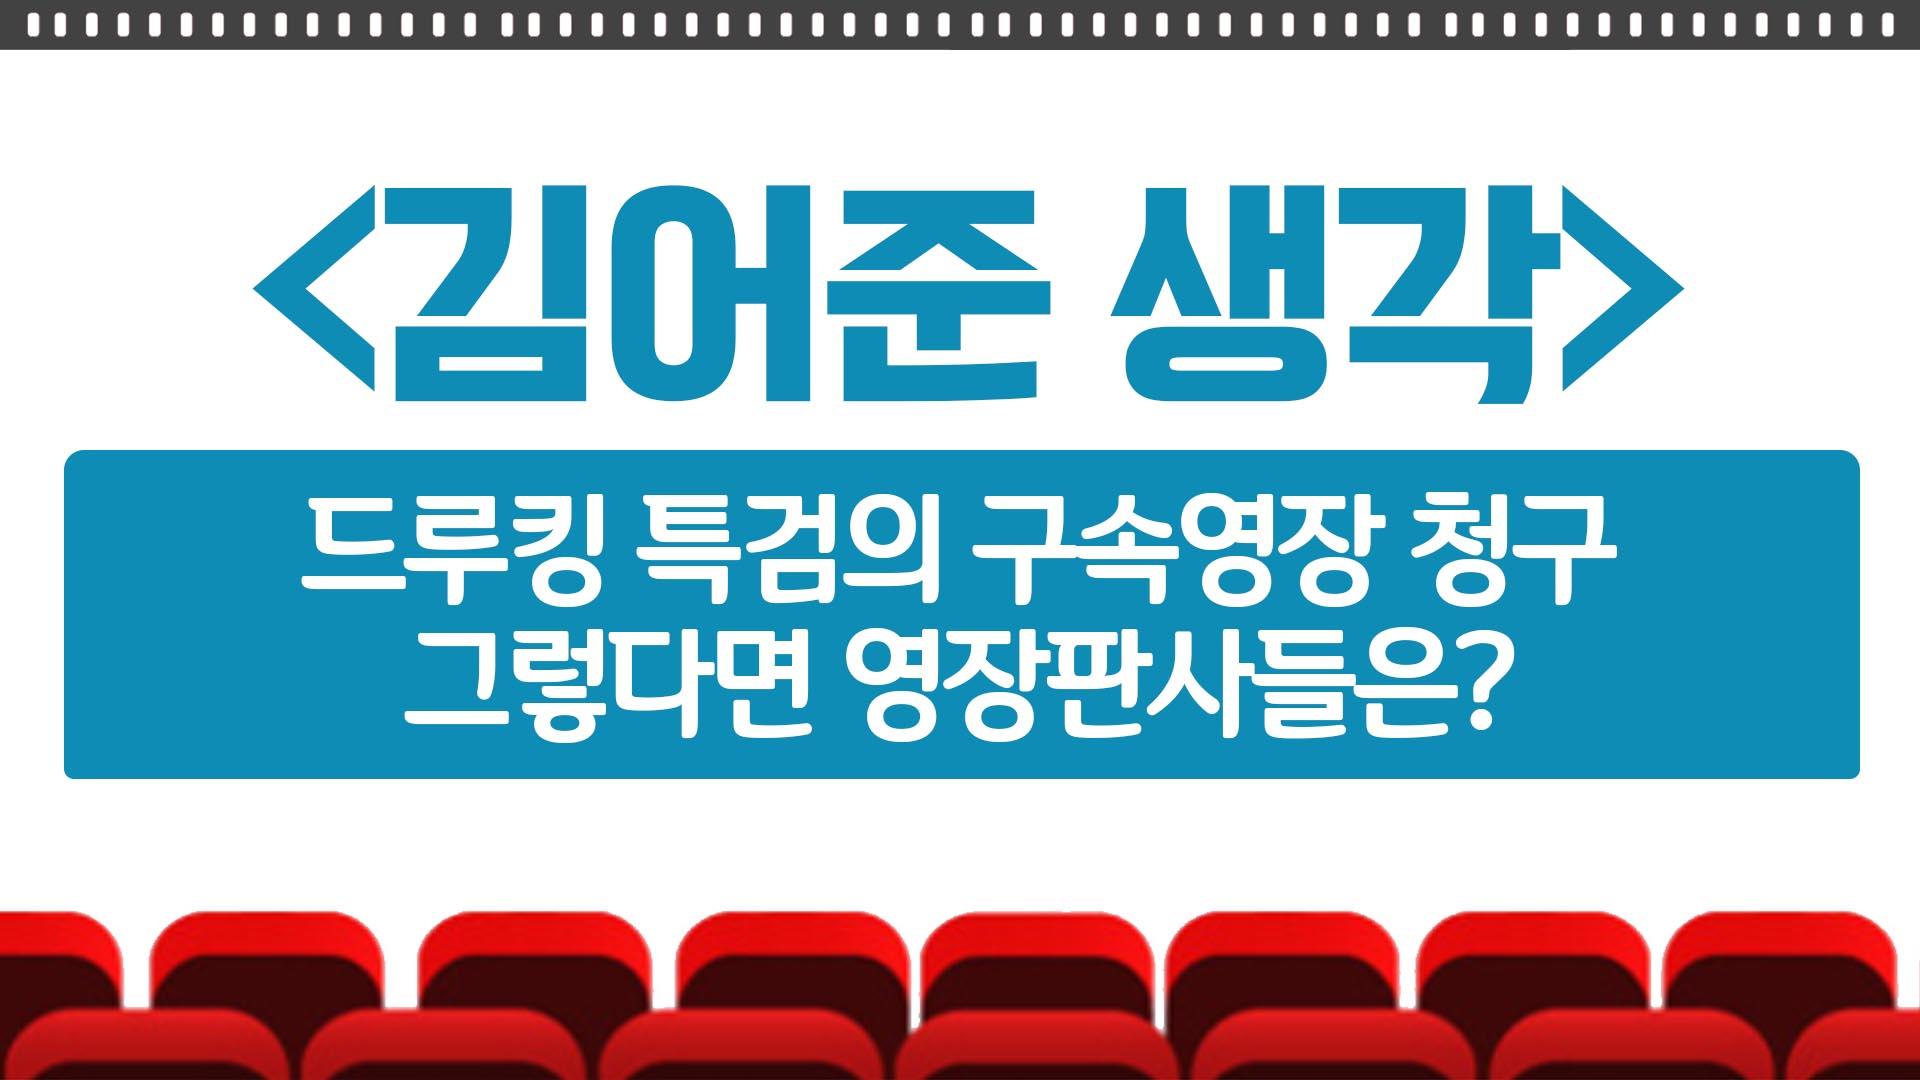 [김어준의 뉴스공장 / 김어준 생각] 드루킹 특검의 구속영장 청구 그렇다면 영장판사들은?